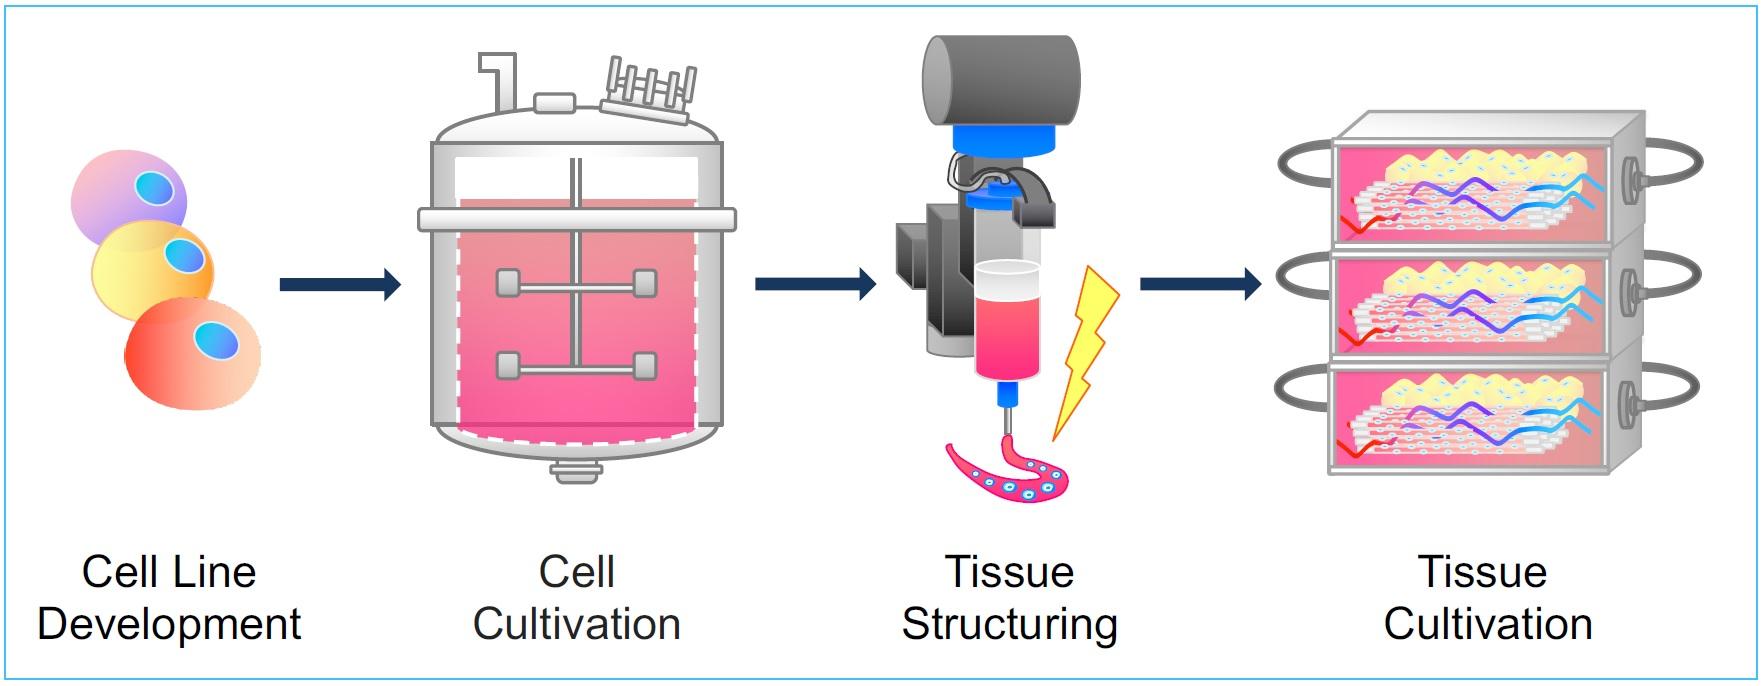 Krieger lab grown meat process flow diagram